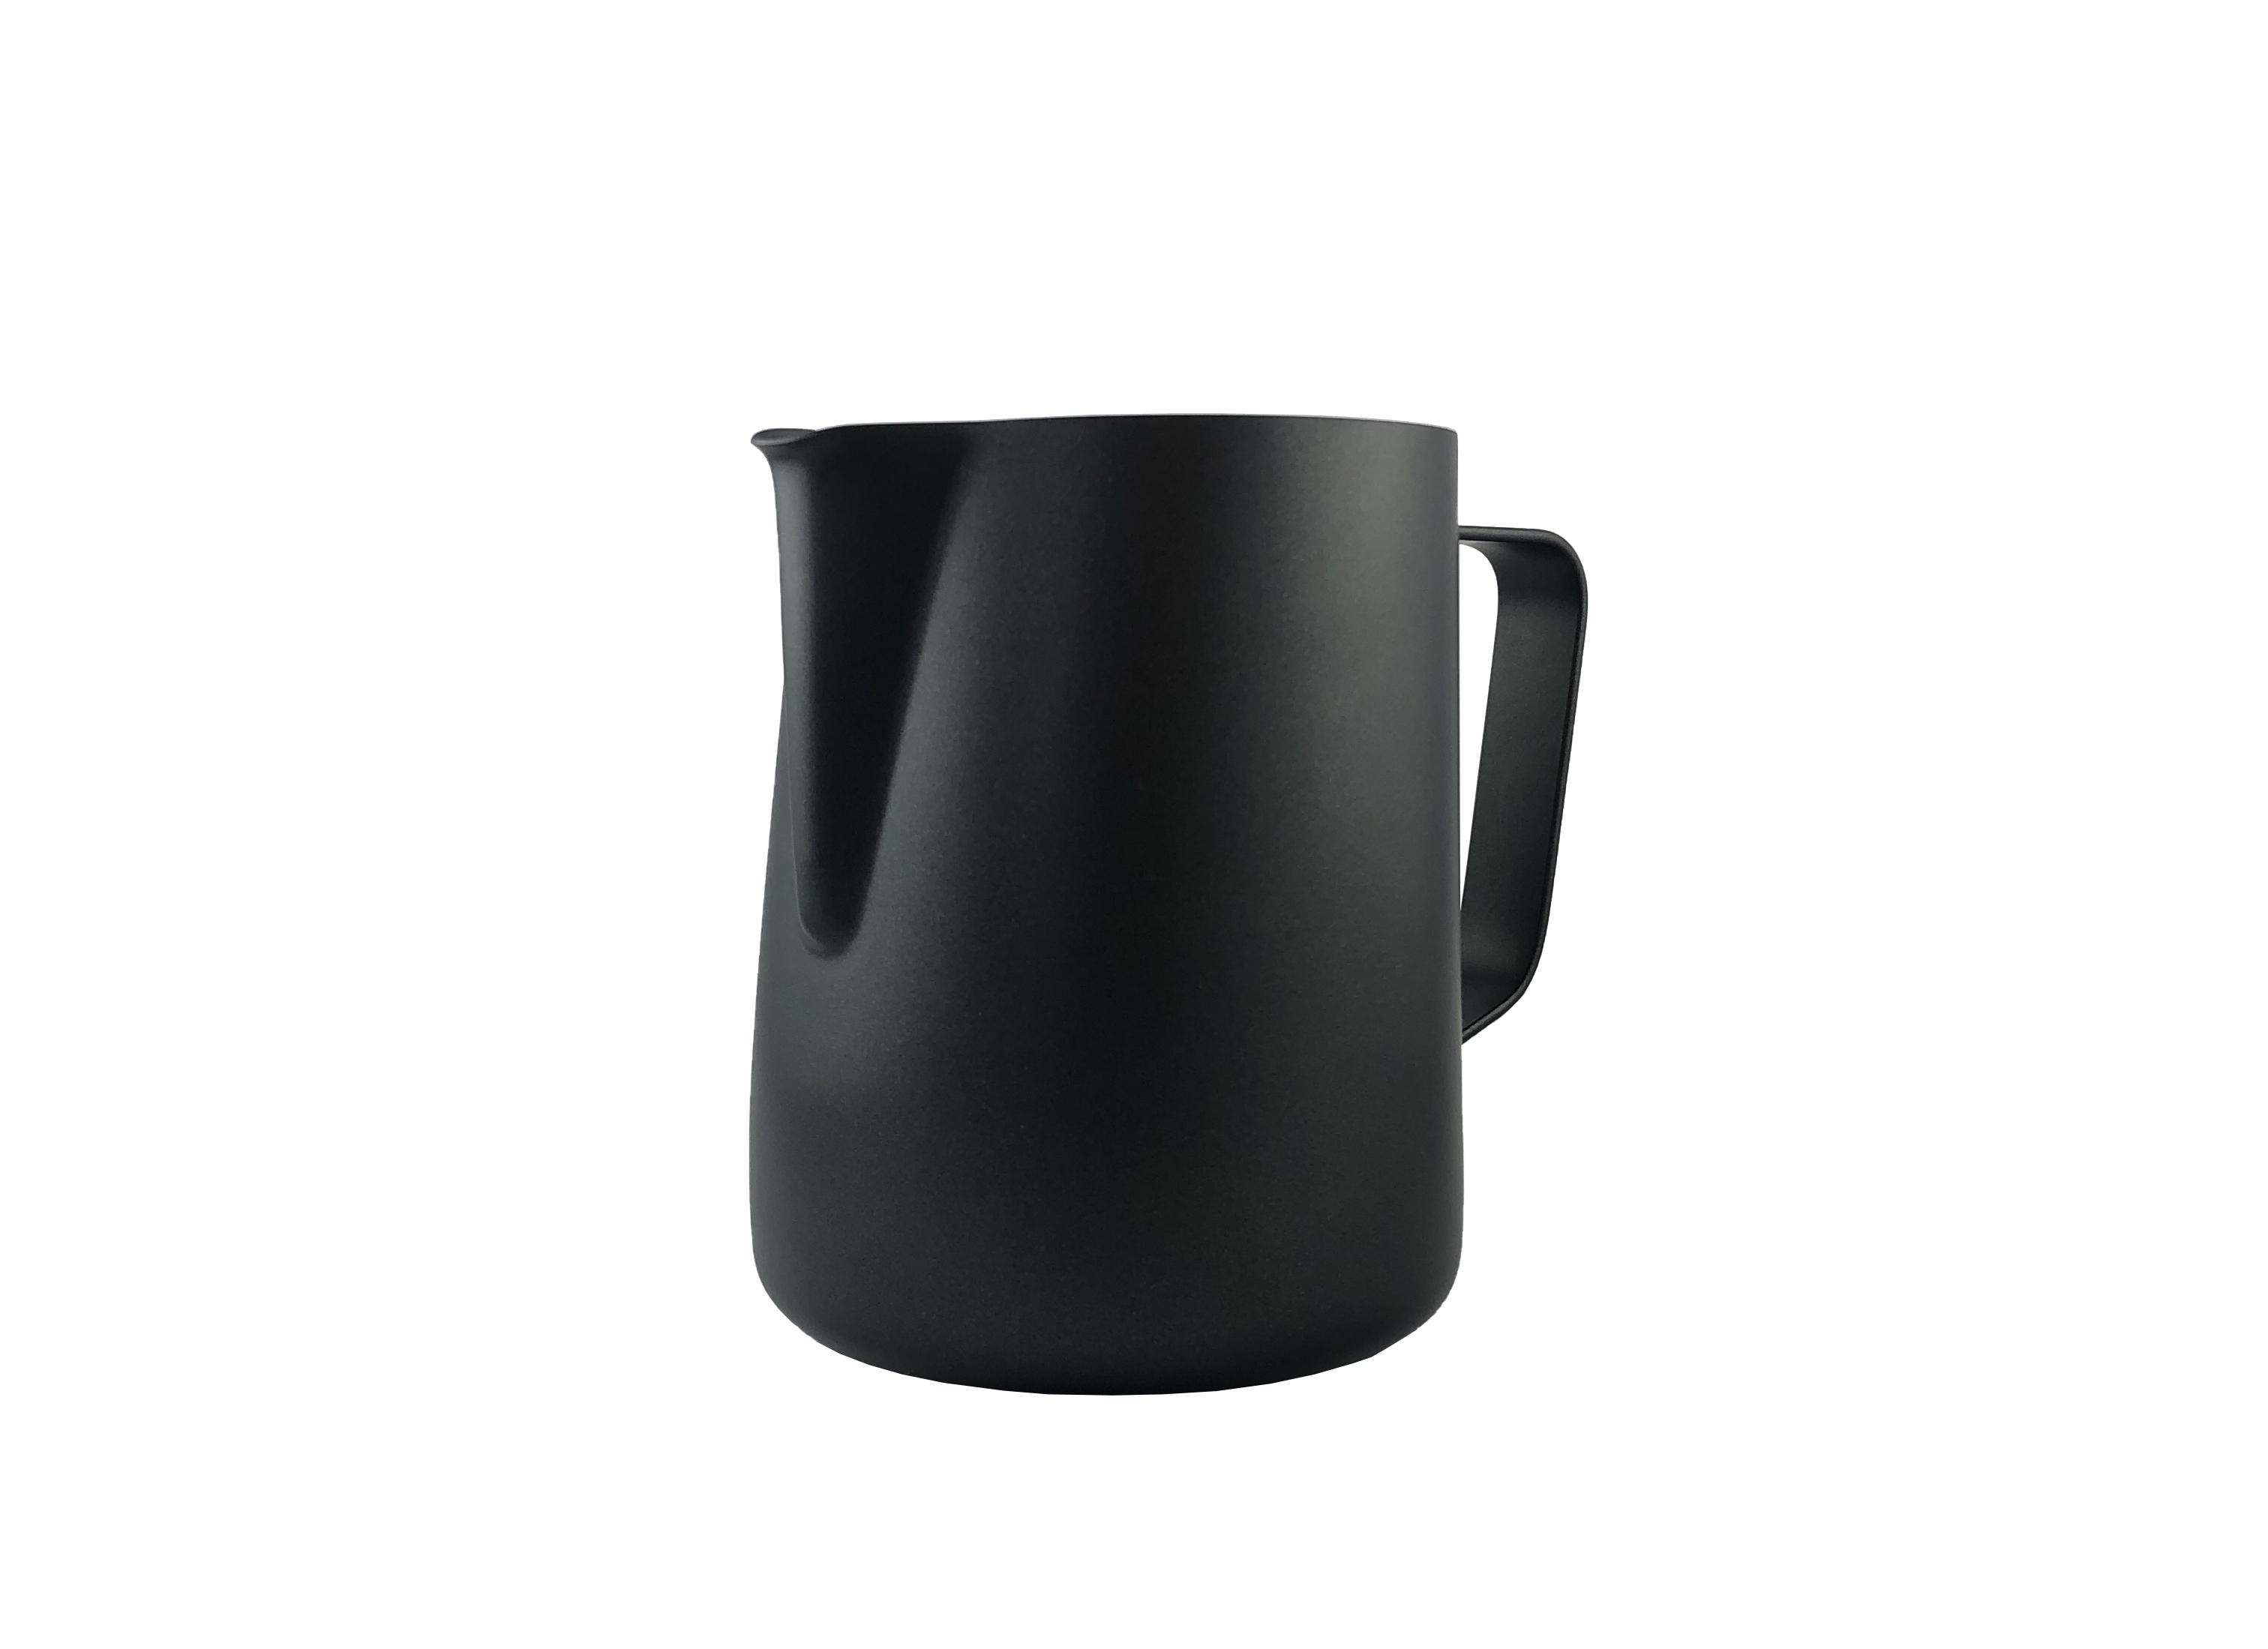 Milchkanne TEFLON black 0,6 l